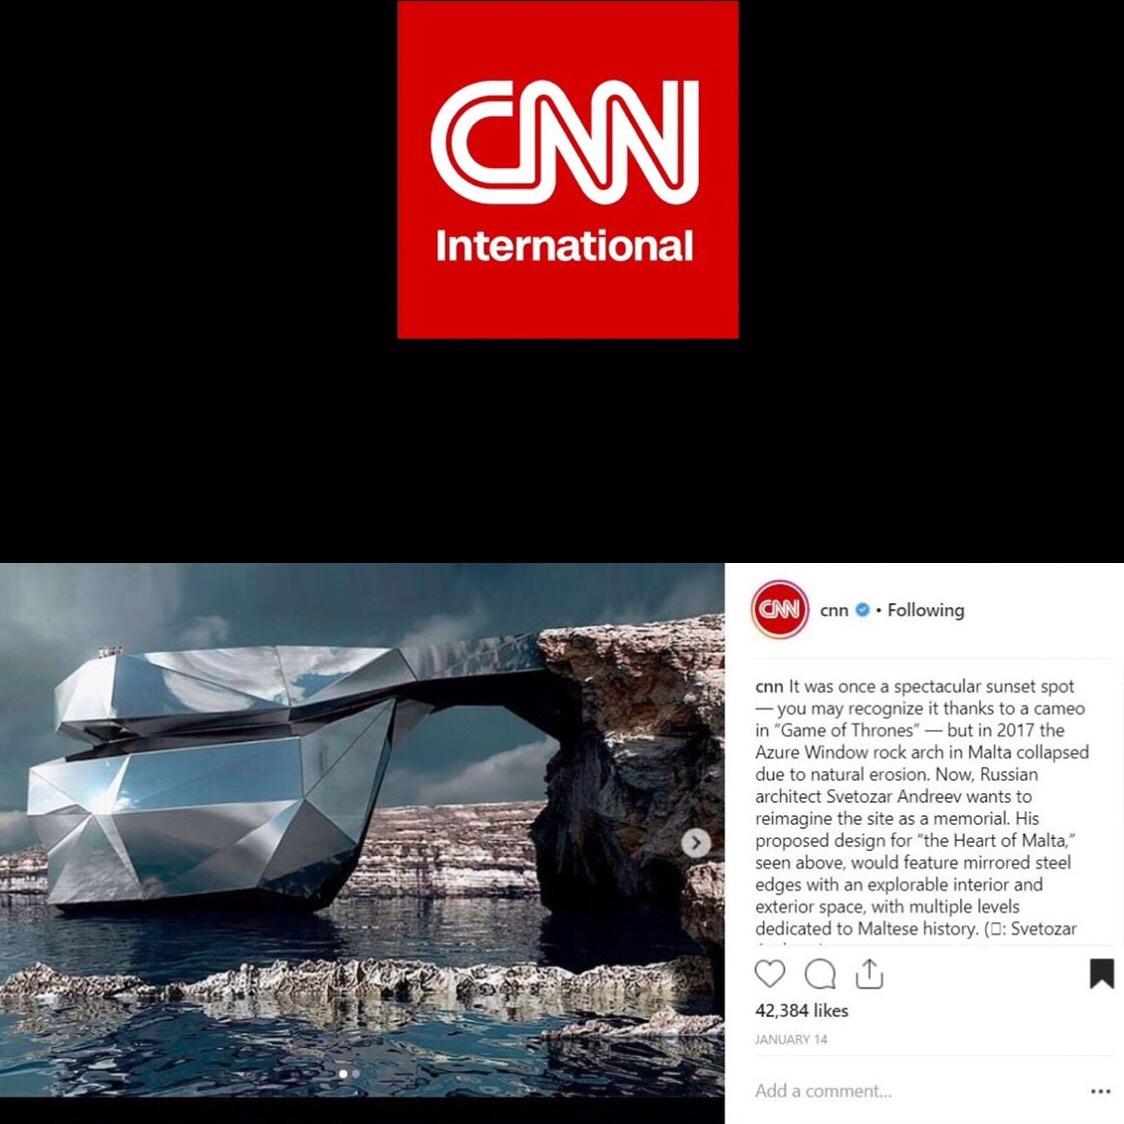 CNN INSTAGRAM